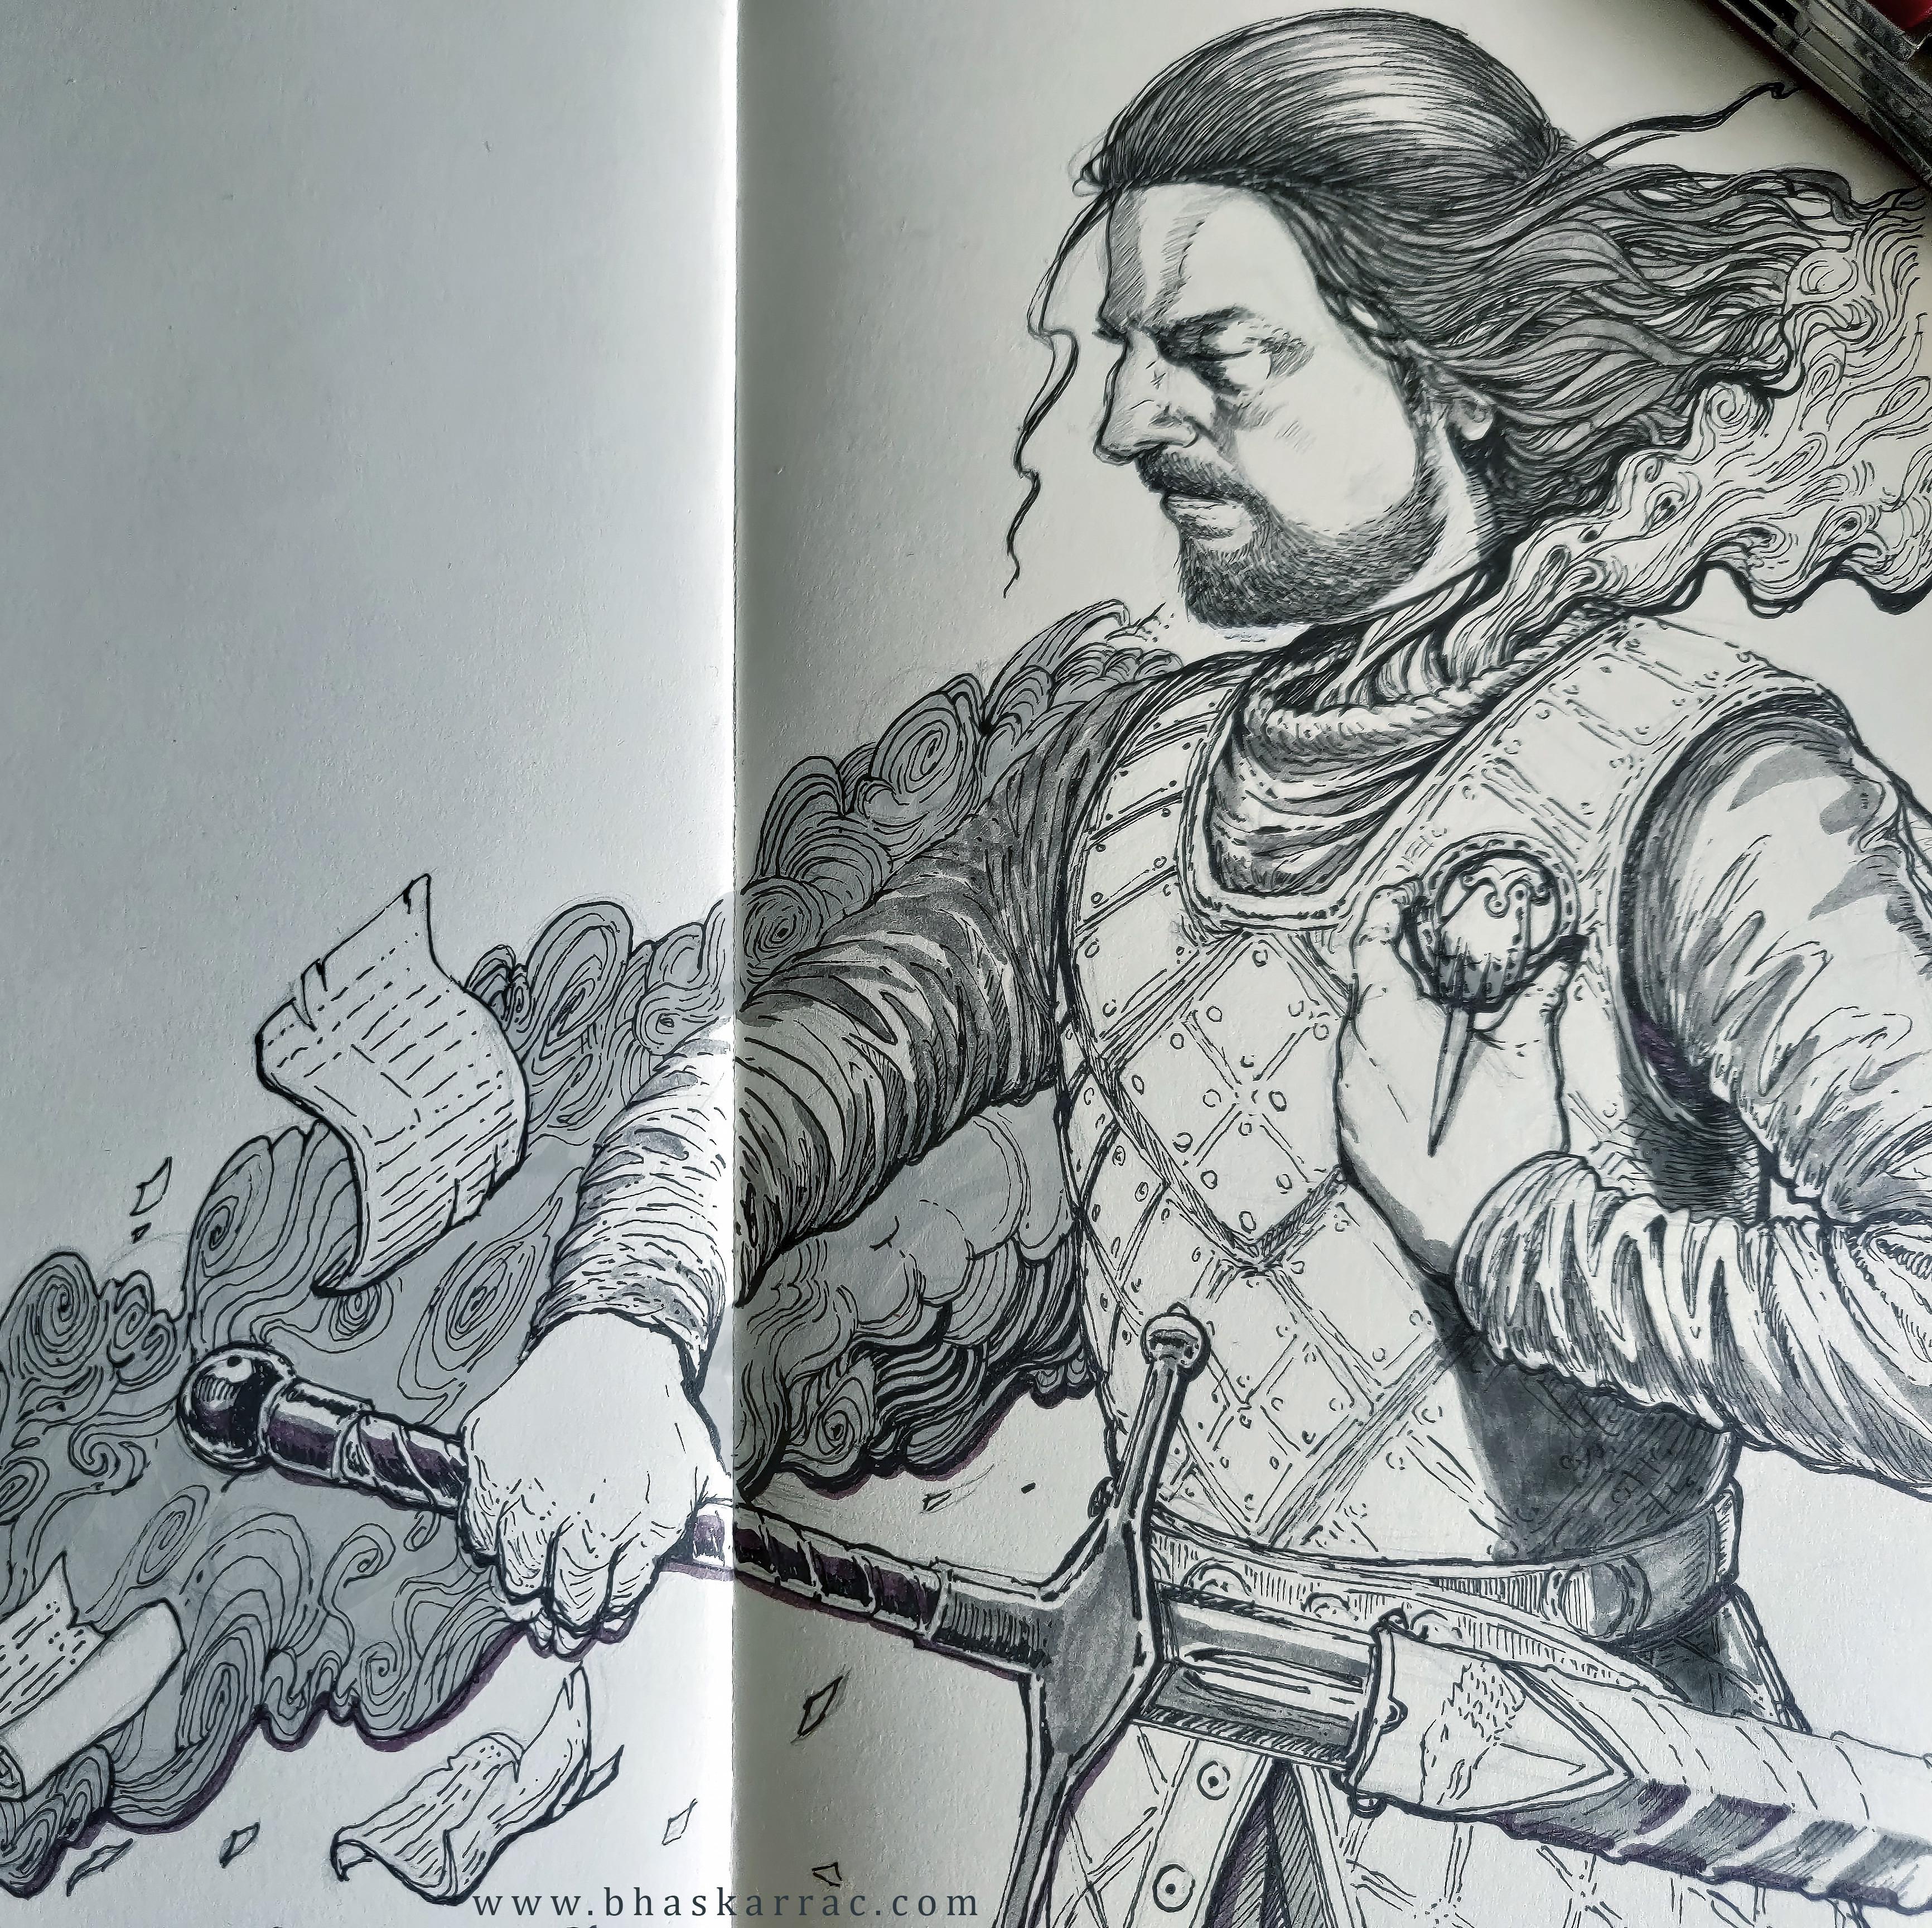 Beheading of Ned Stark